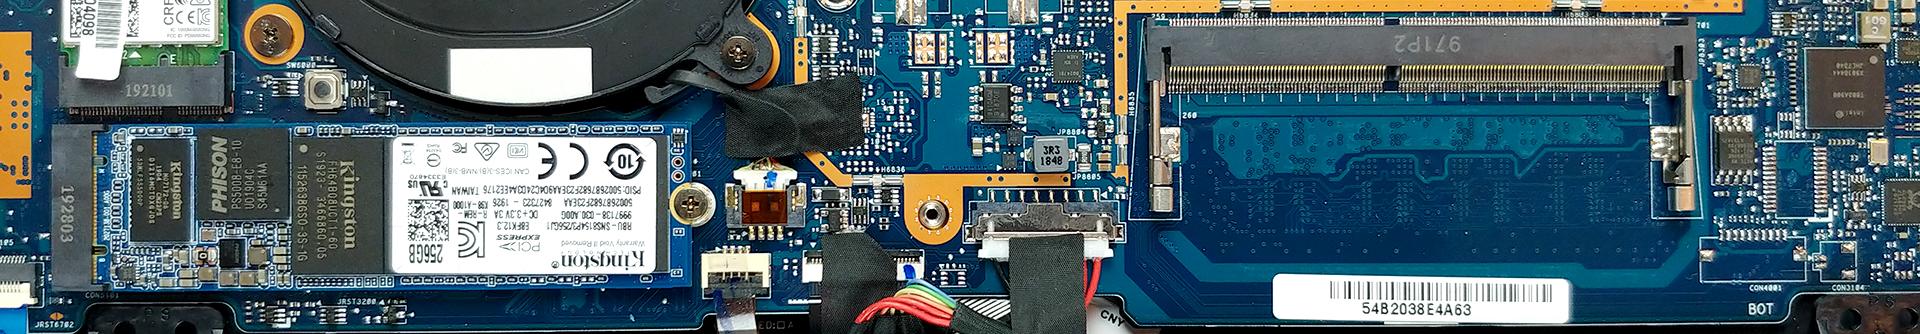 Laptop M 2 SSD Compatibility List